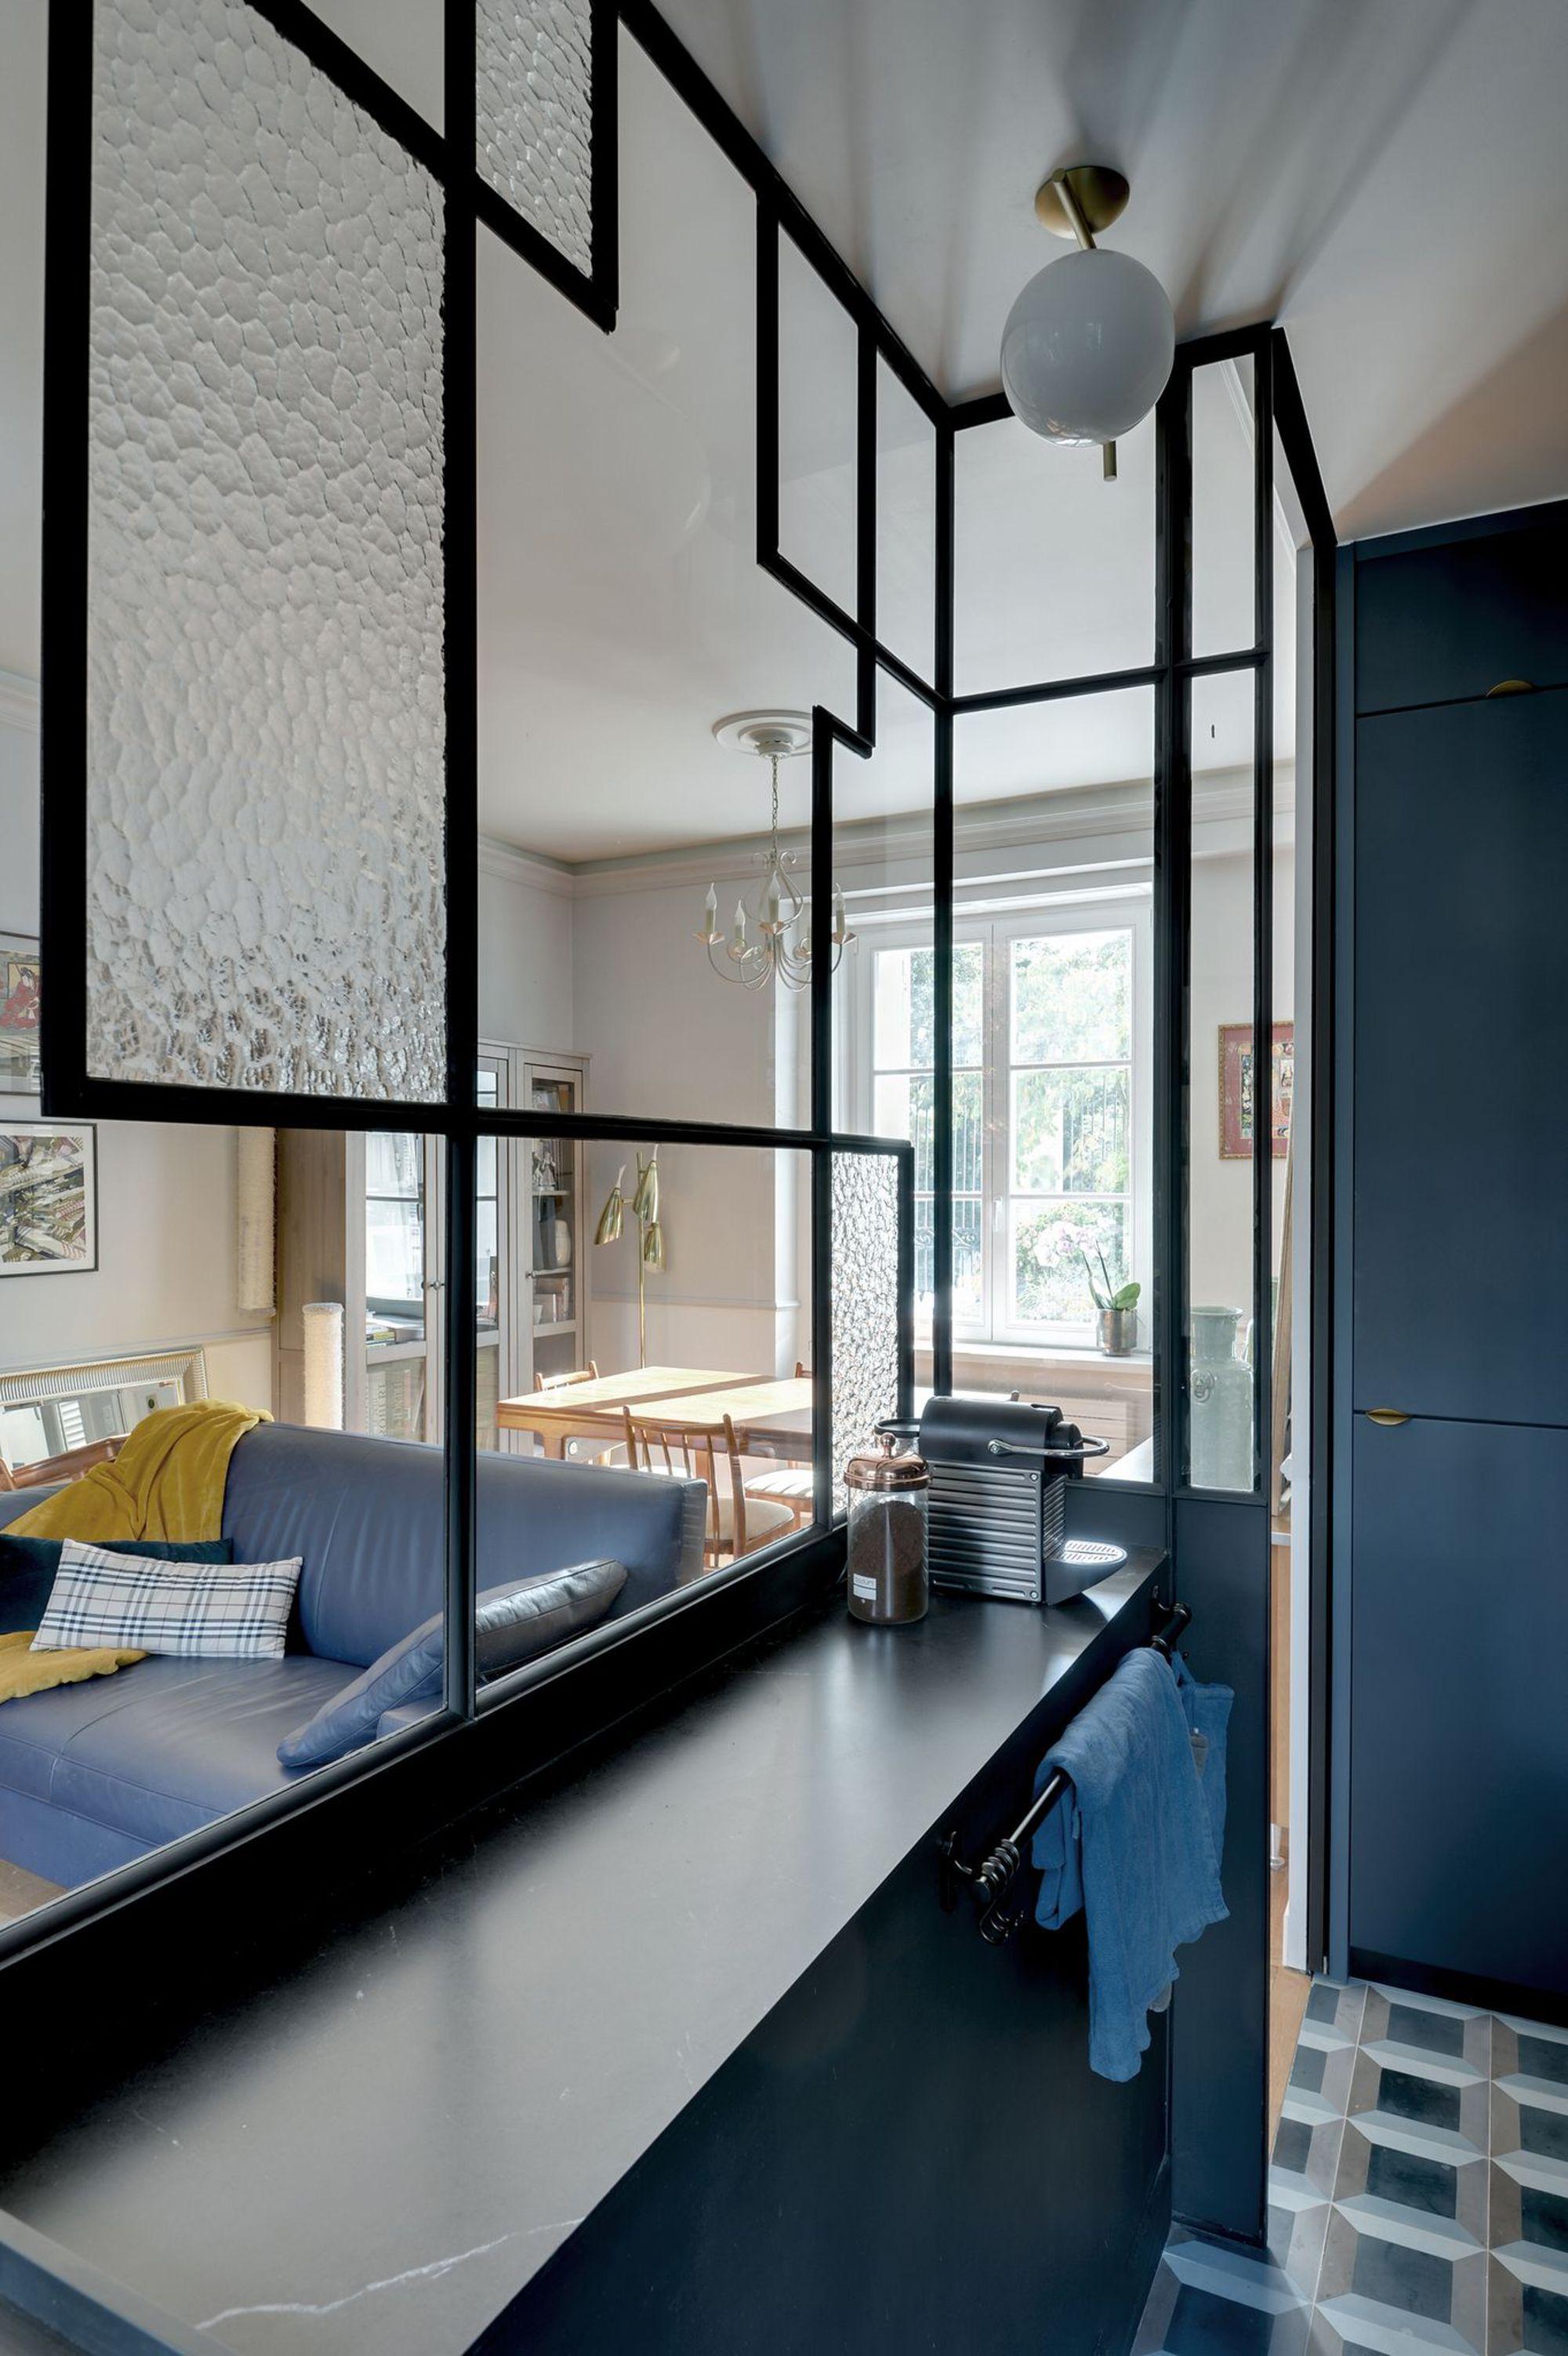 Aménager une cuisine étroite | 室內設計 | Cuisine verriere, Cuisine ...